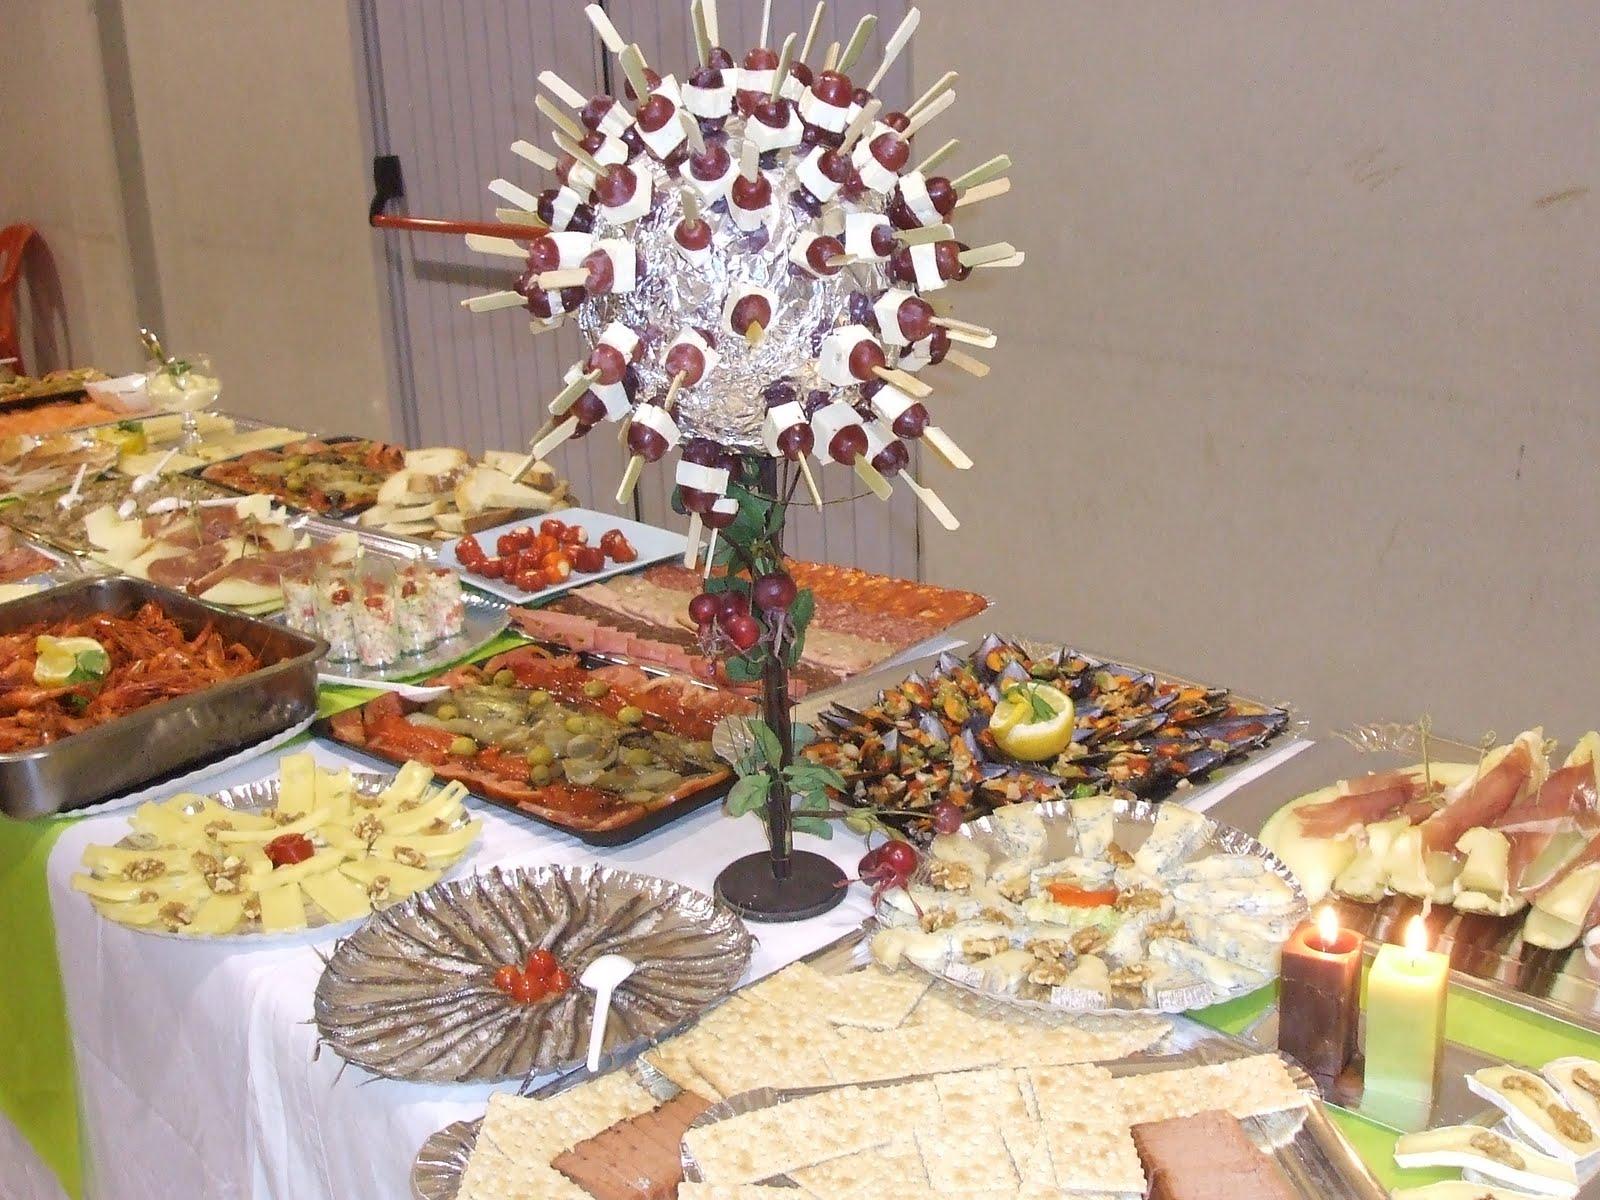 La cocina de tainy catering para 105 personas for Cocinar para 20 personas